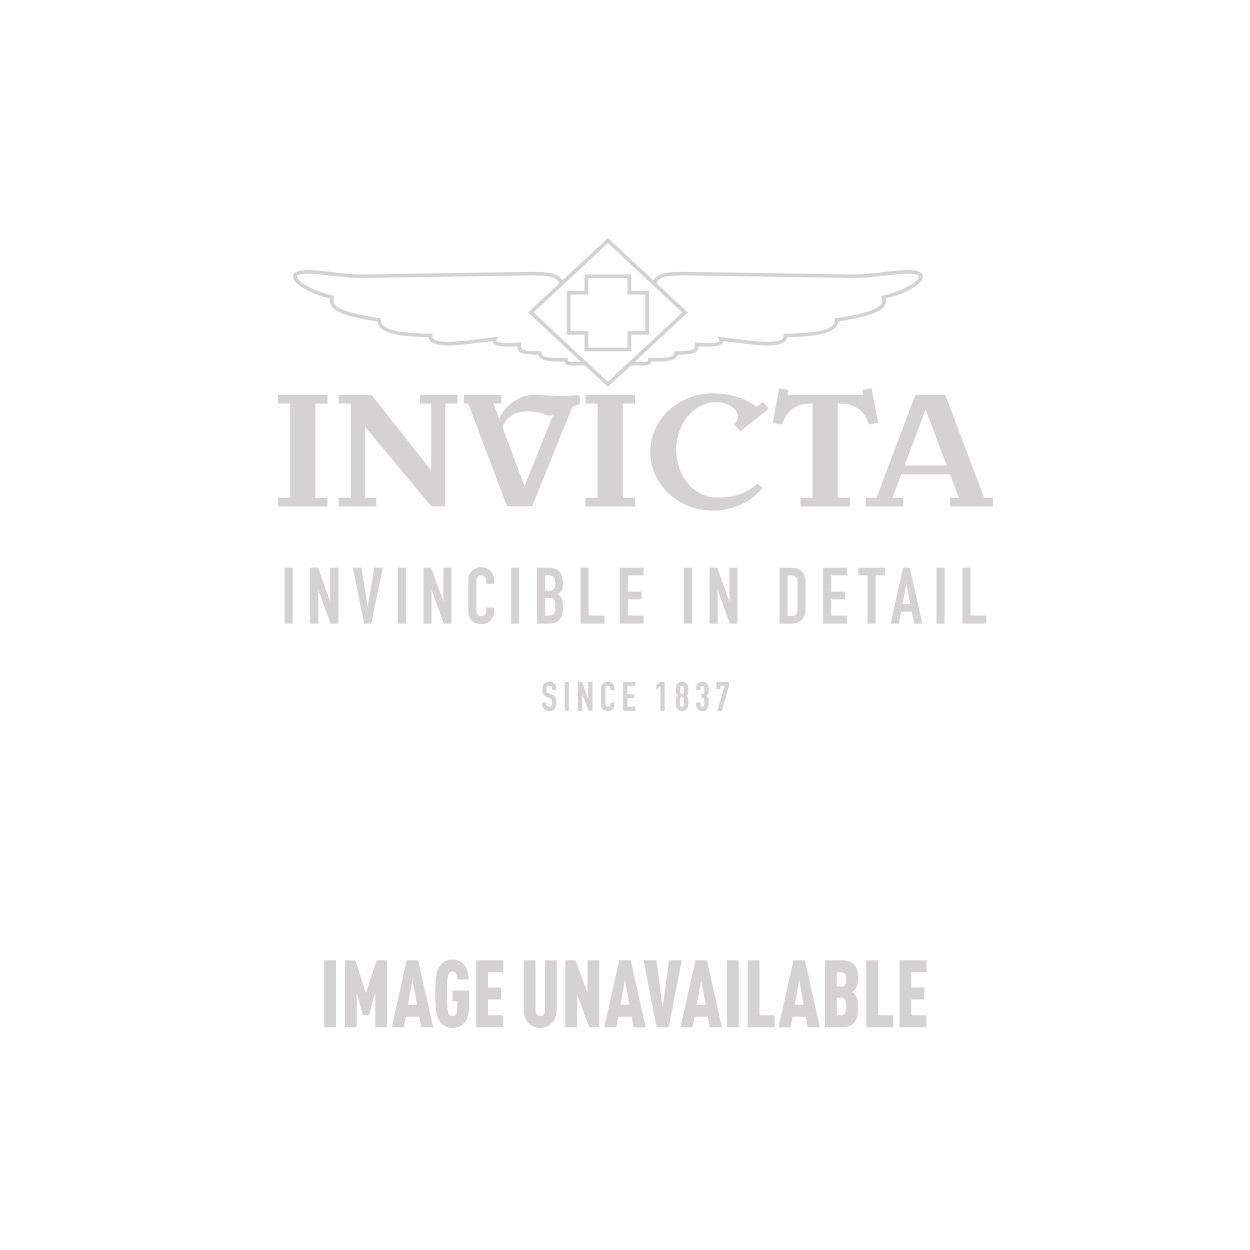 Invicta 21384